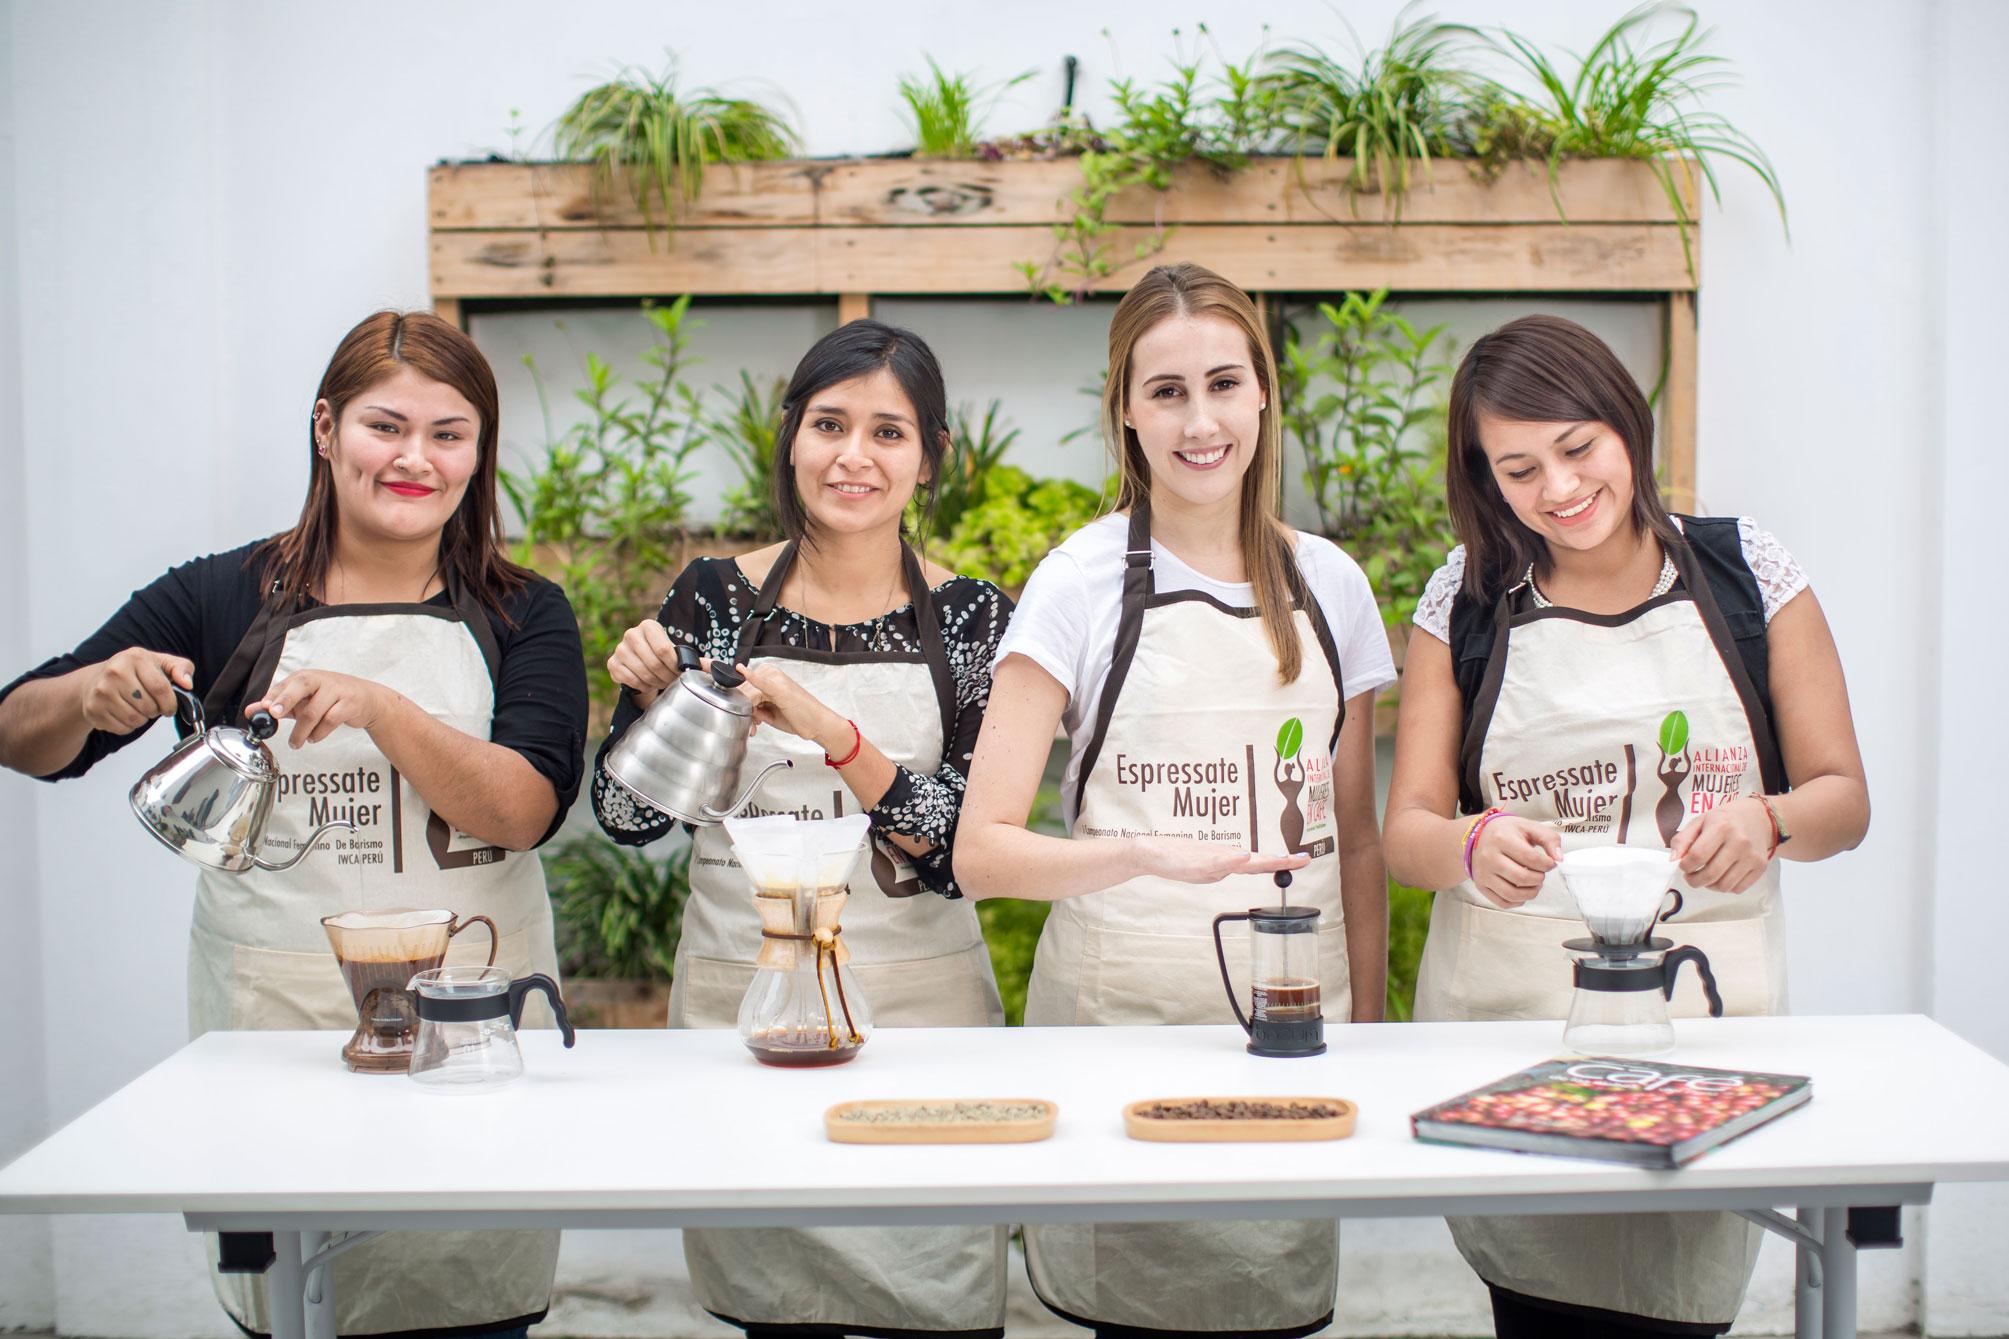 La cafetera: nuestro blog en El Comercio